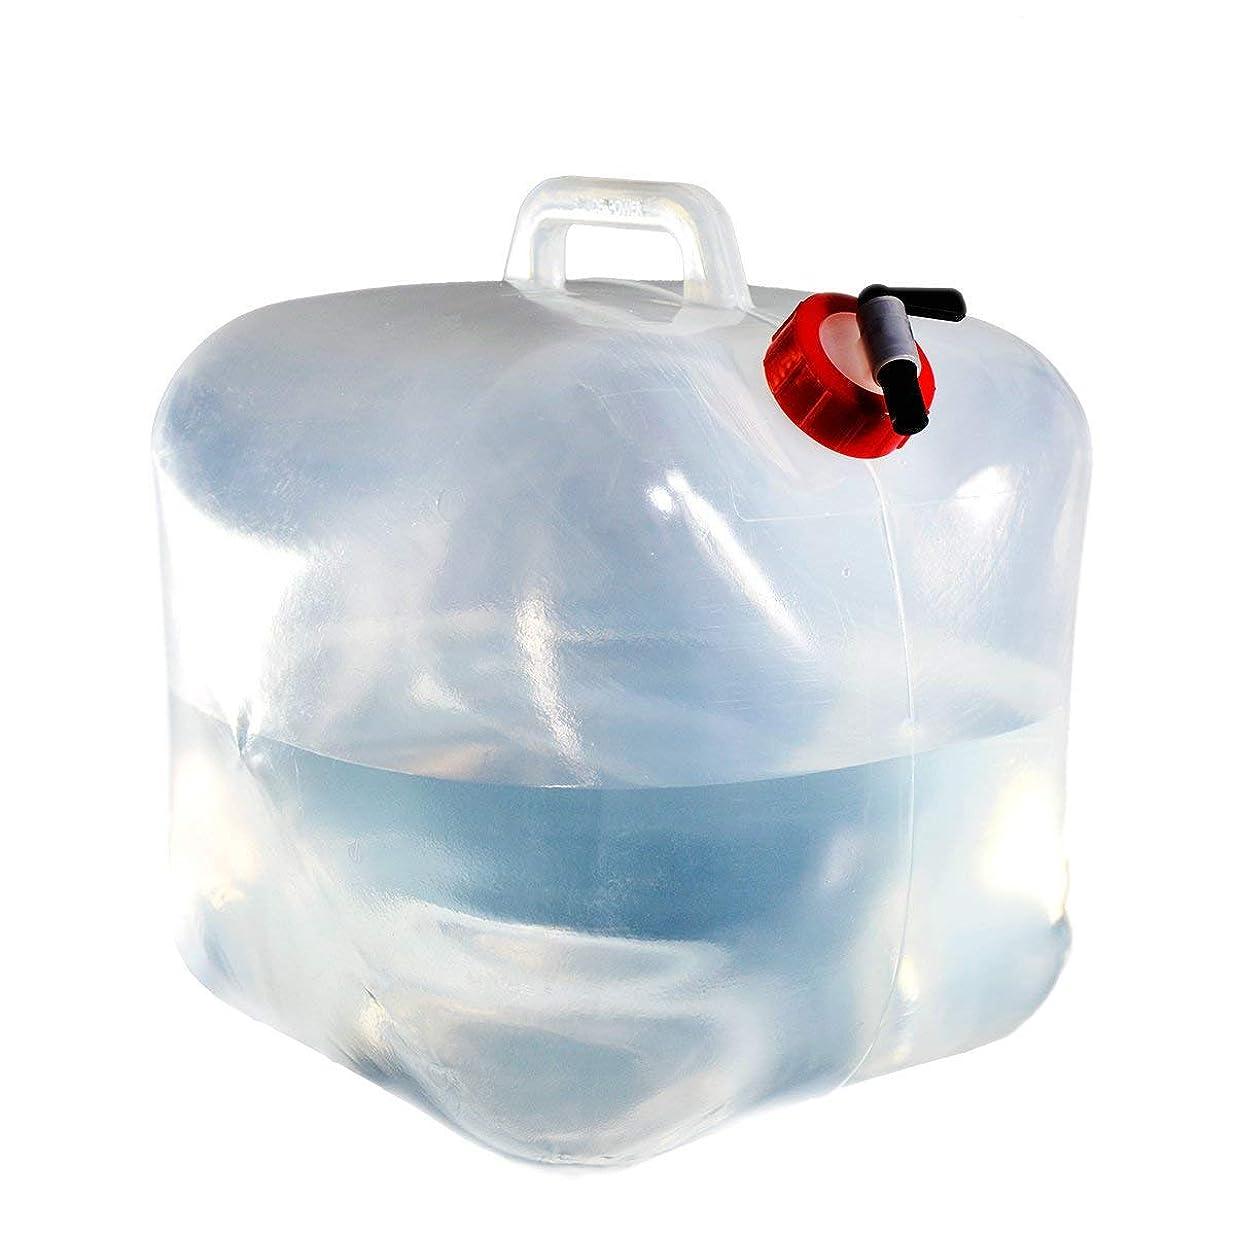 恋人誰抵当ウォータータンク 折りたたみ式 水タンク 非常用 防災グッズ 持ち運び便利 大容量 10L/20L